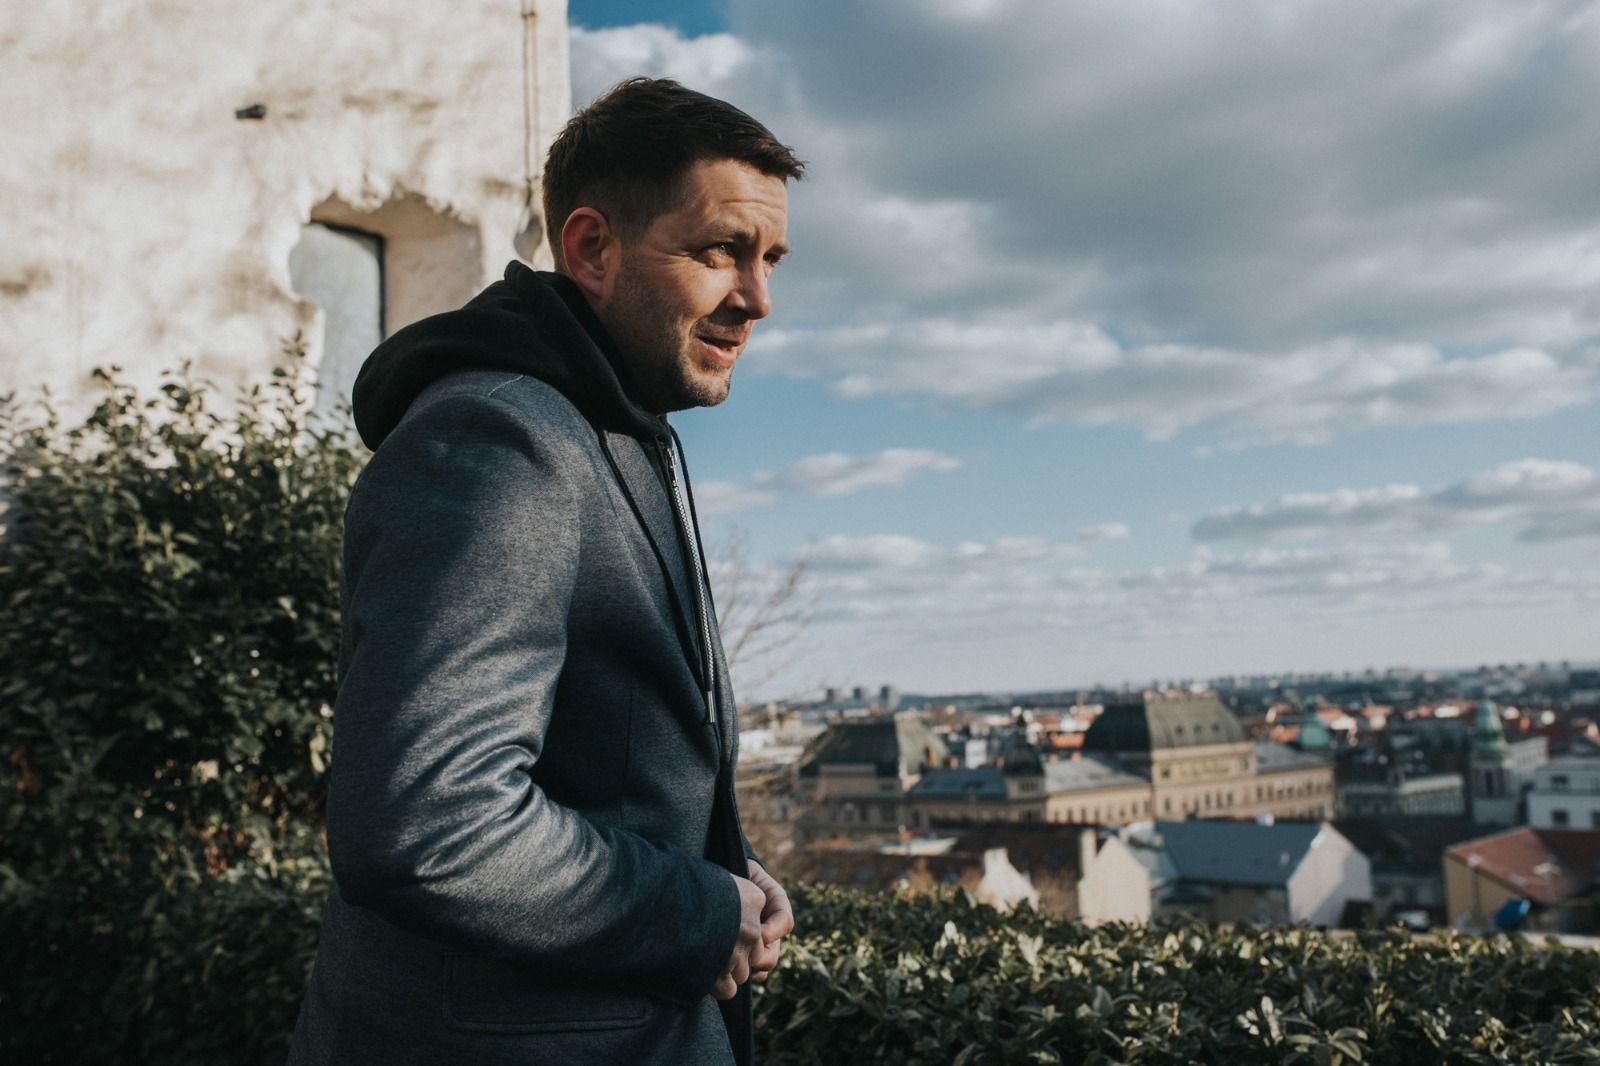 Zoran Primjer: Činjenica da u Zagrebu možete bez straha izaći na ulicu i prošetati gradom u bilo koje doba dana ili noći ustvari jako puno govori o općoj sigurnosti